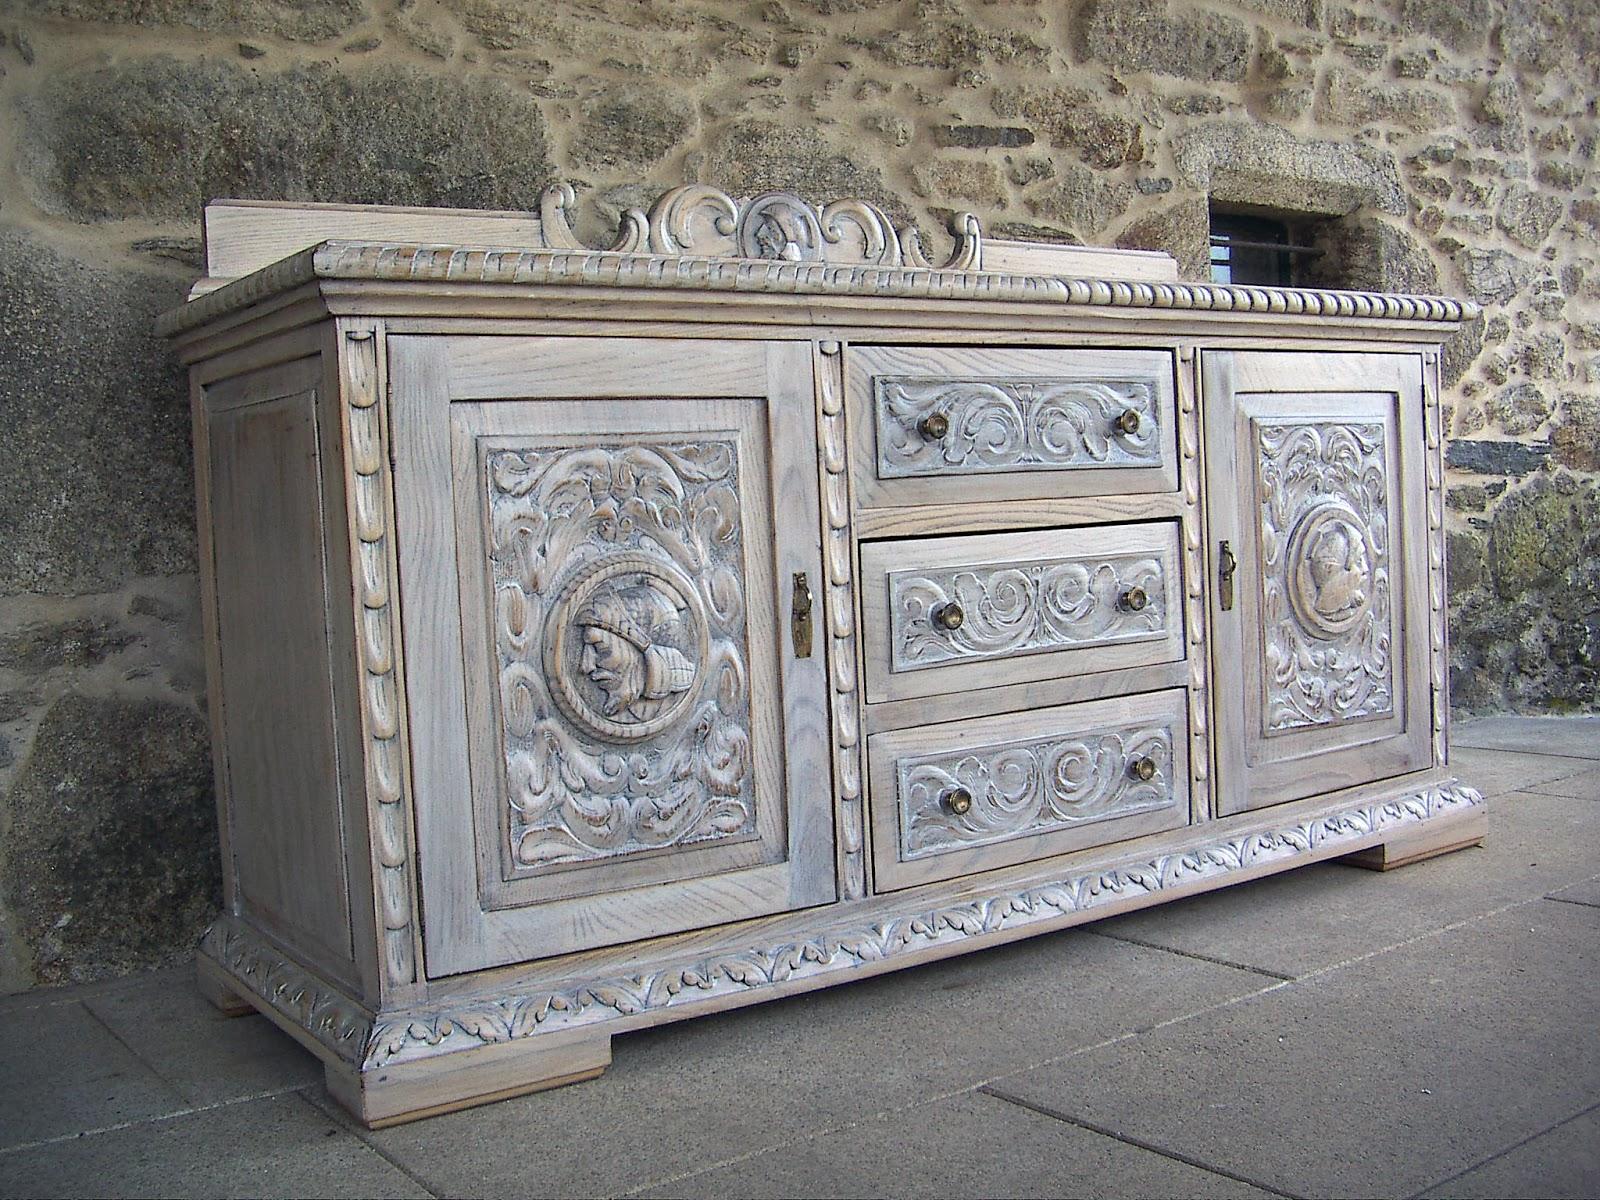 El rinc n de un aprendiz transformar un mueble cl sico en - Transformar un mueble ...